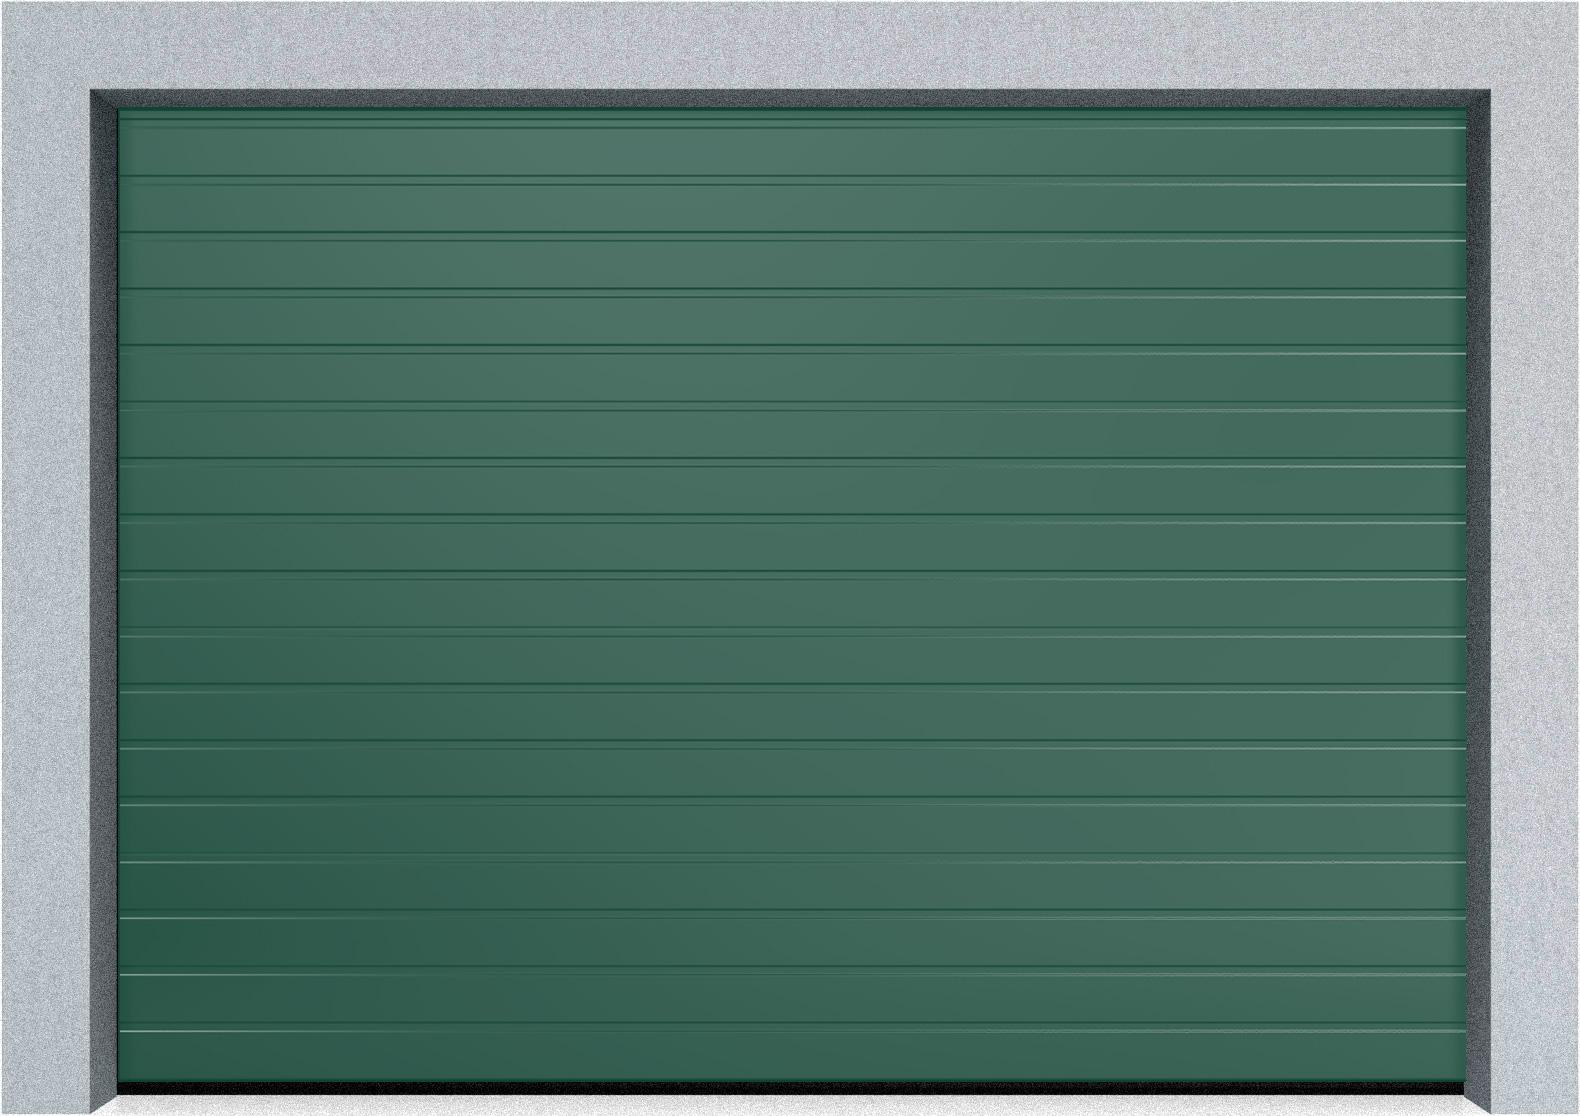 Секционные промышленные ворота Alutech ProTrend 2375х2375 S-гофр, Микроволна стандартные цвета, фото 7